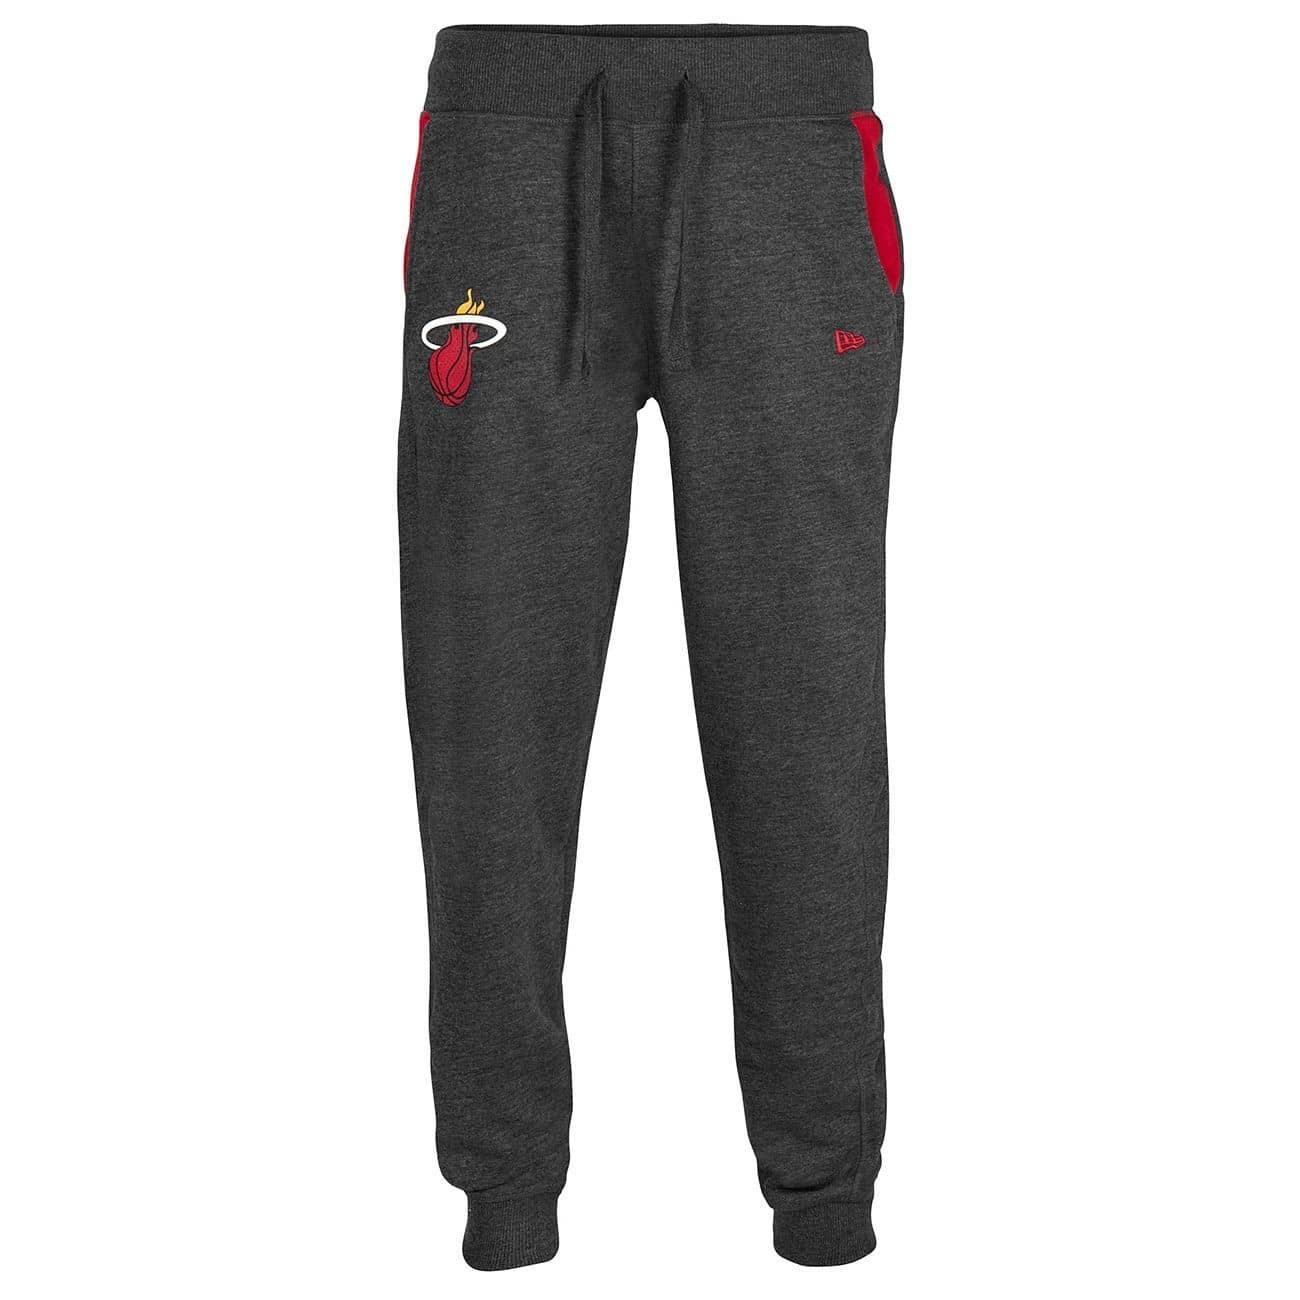 49a7e0e5089c52 New Era Miami Heat Tip Off NBA Sweatpants Charcoal | TAASS.com Fan Shop